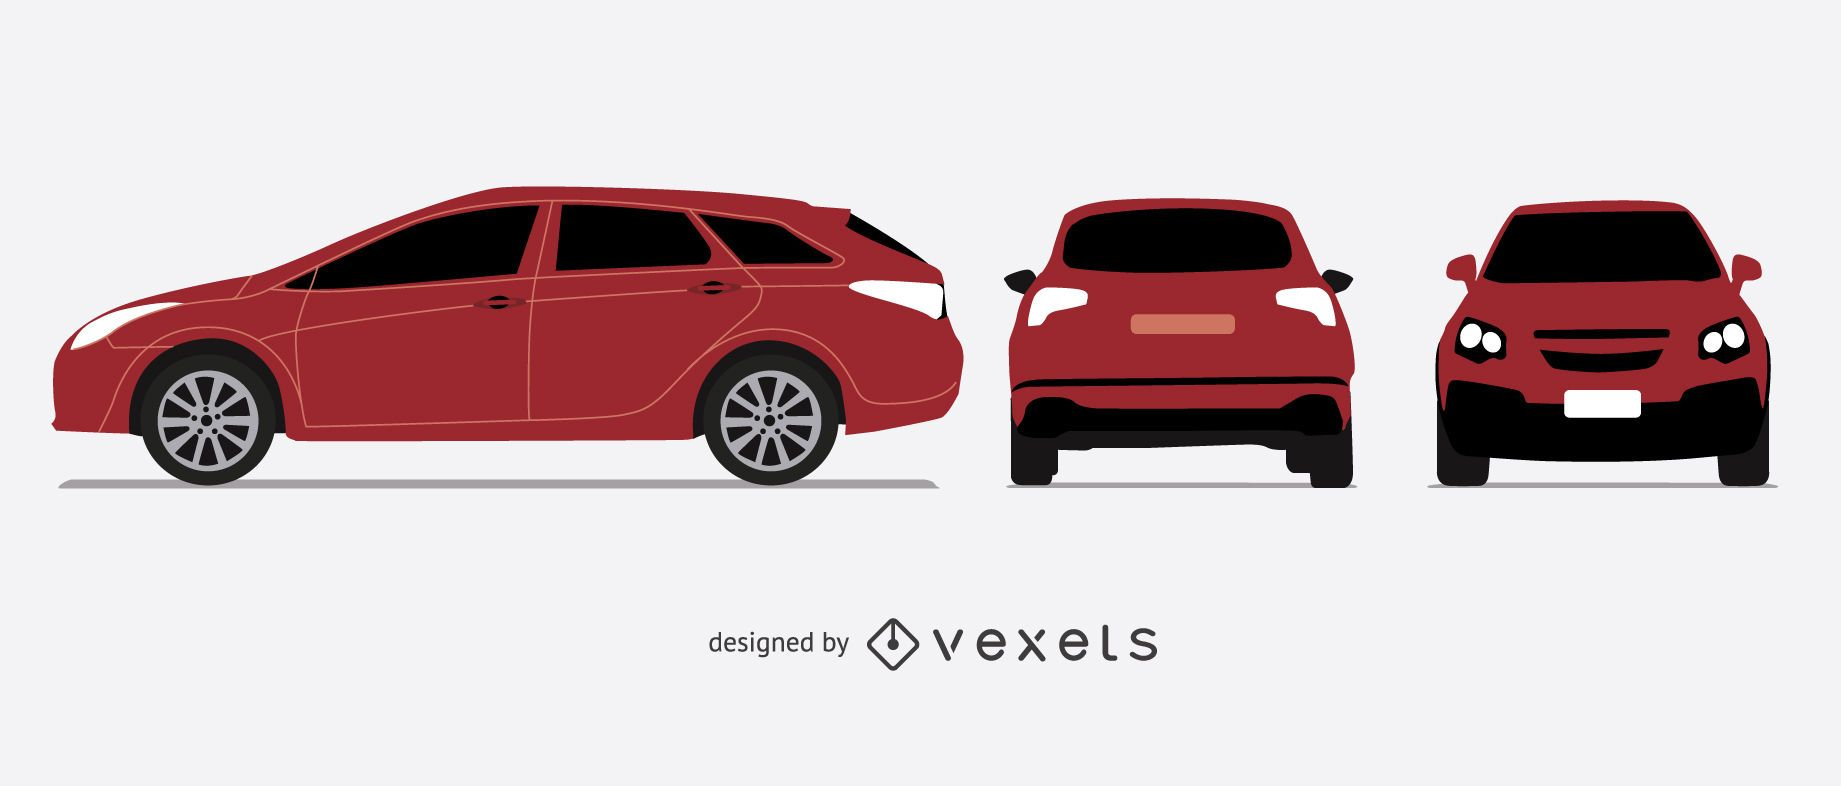 Red hatchback car illustration set